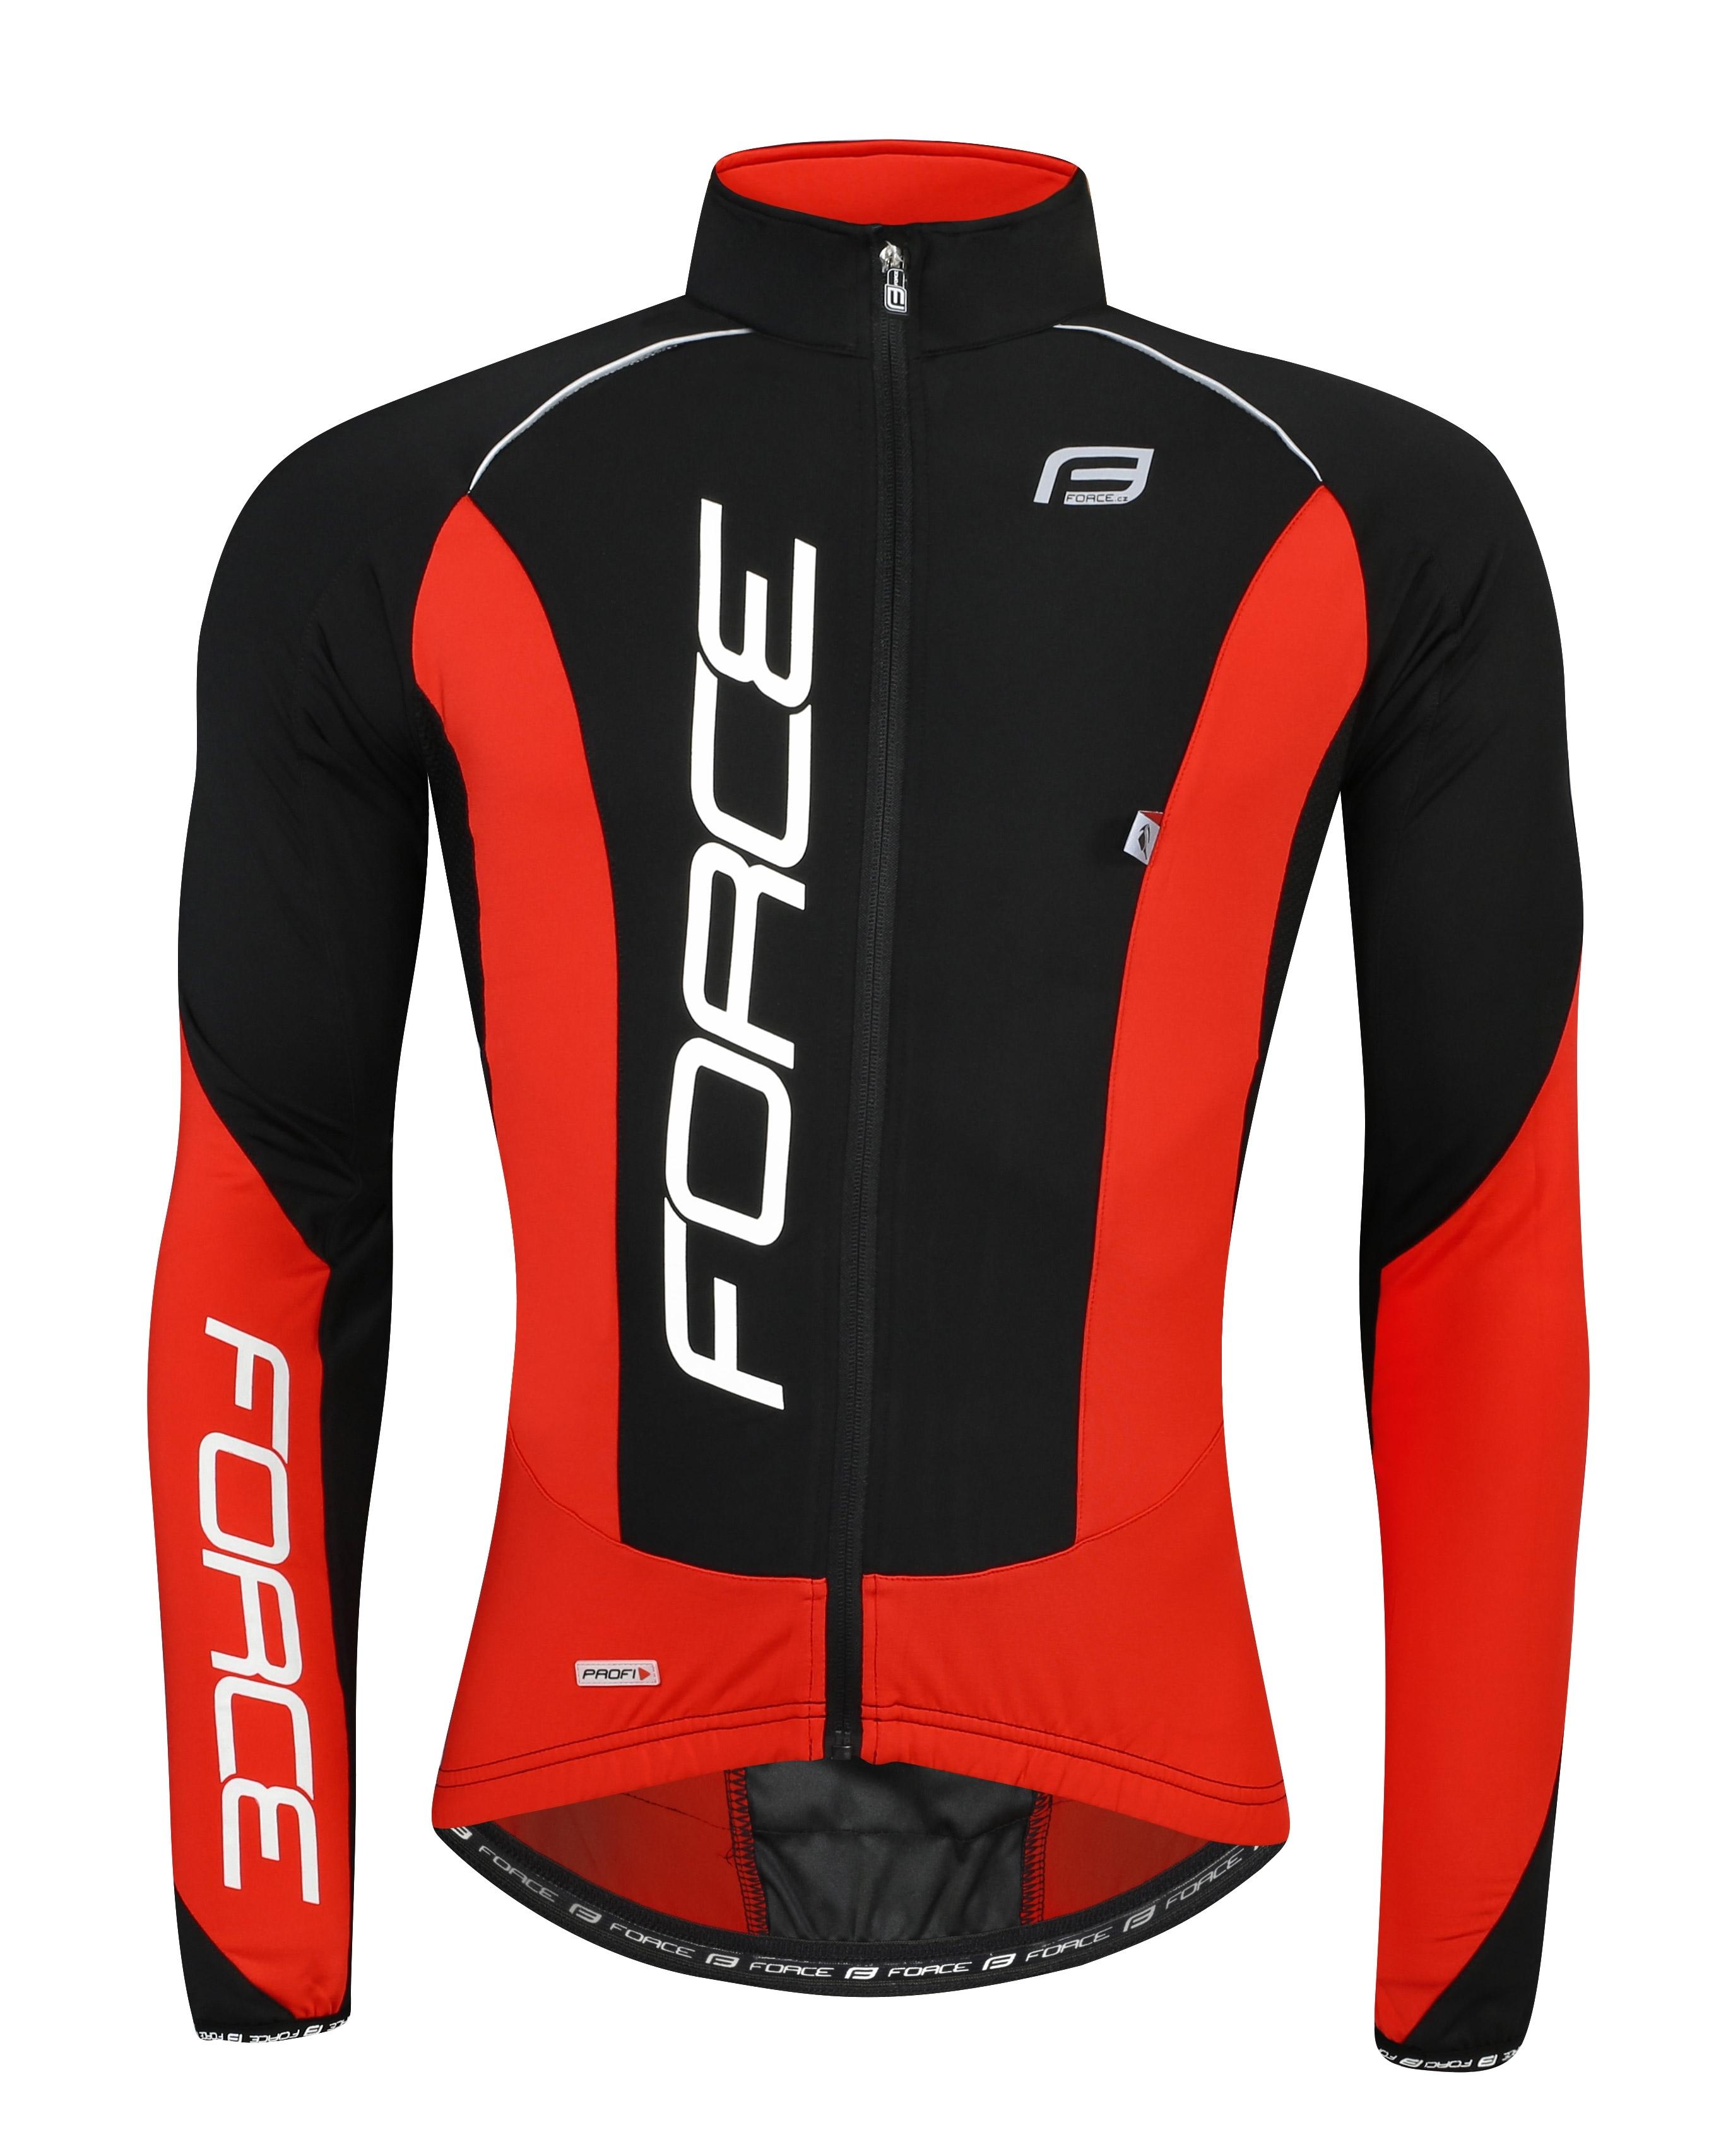 bunda/dres FORCE dlouhý rukáv X68 PRO,černo-červená M